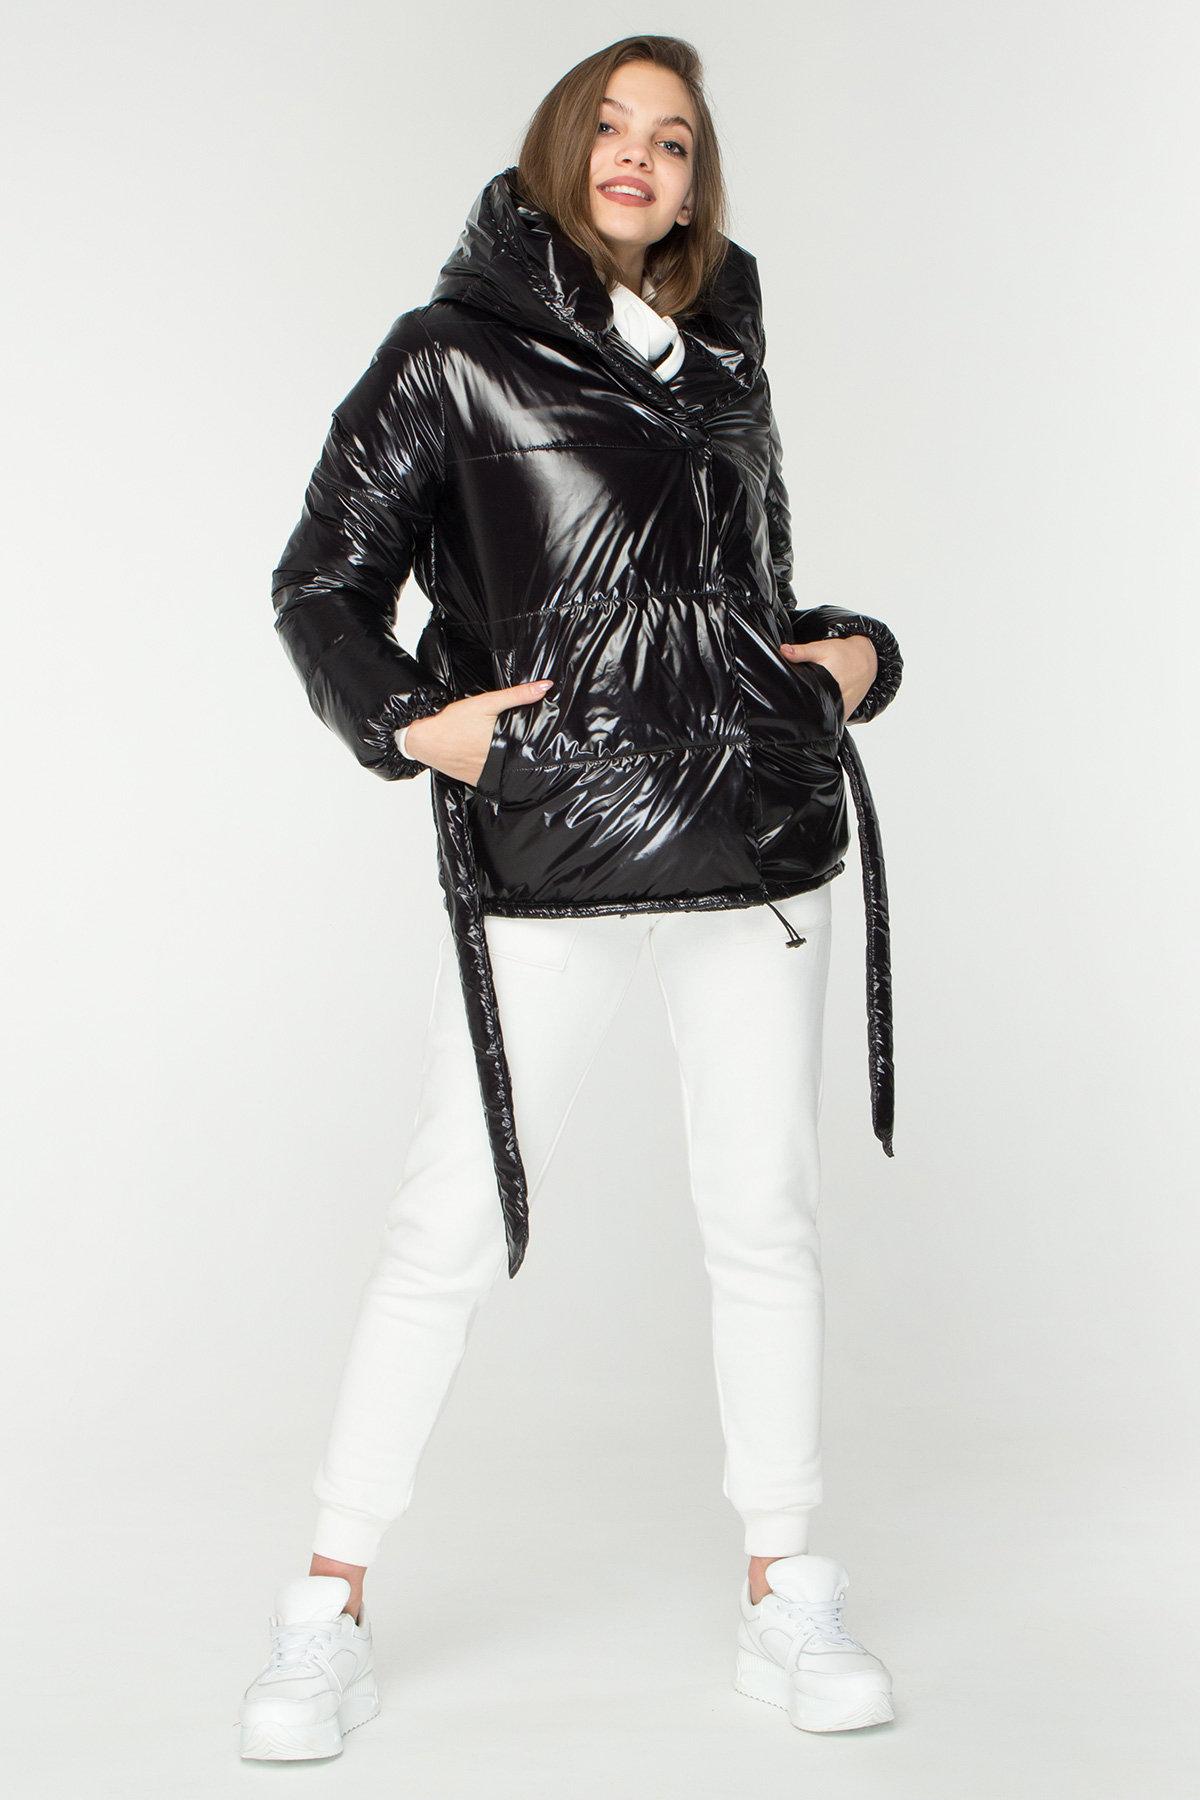 Лаковая куртка пуховик с поясом Бумер 8696 АРТ. 45155 Цвет: Черный - фото 3, интернет магазин tm-modus.ru